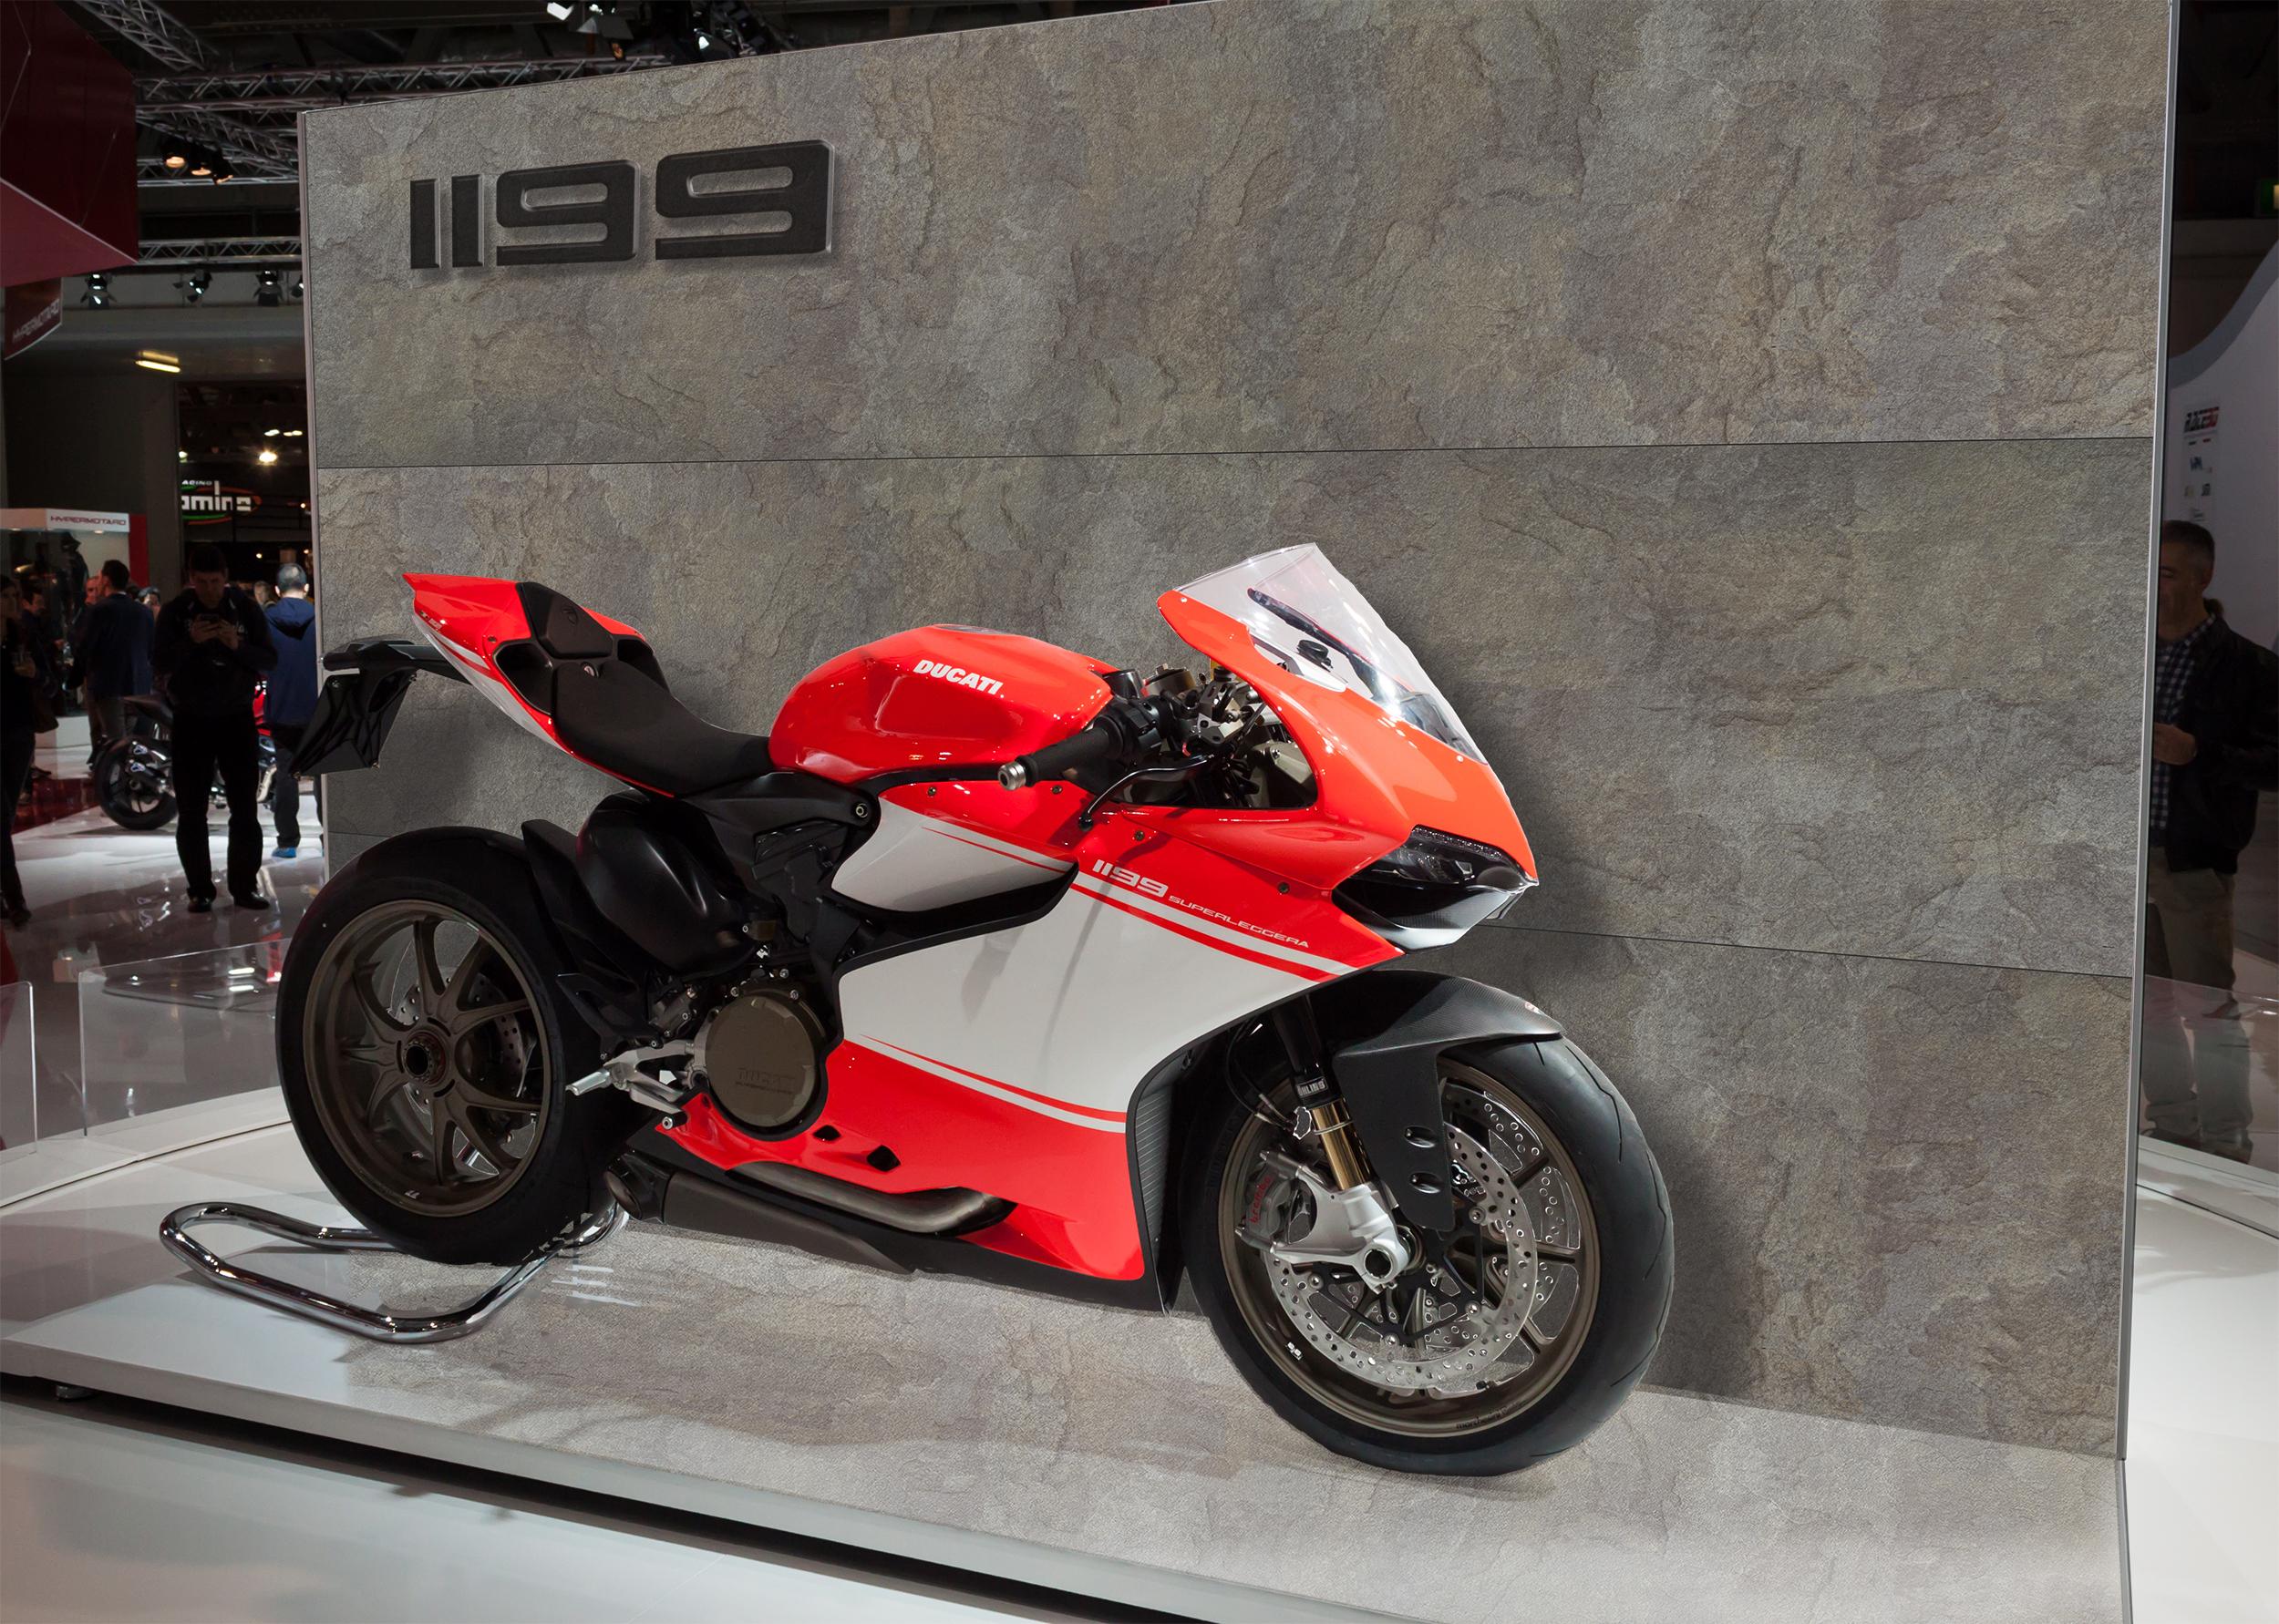 Slate_motorcycle.jpg